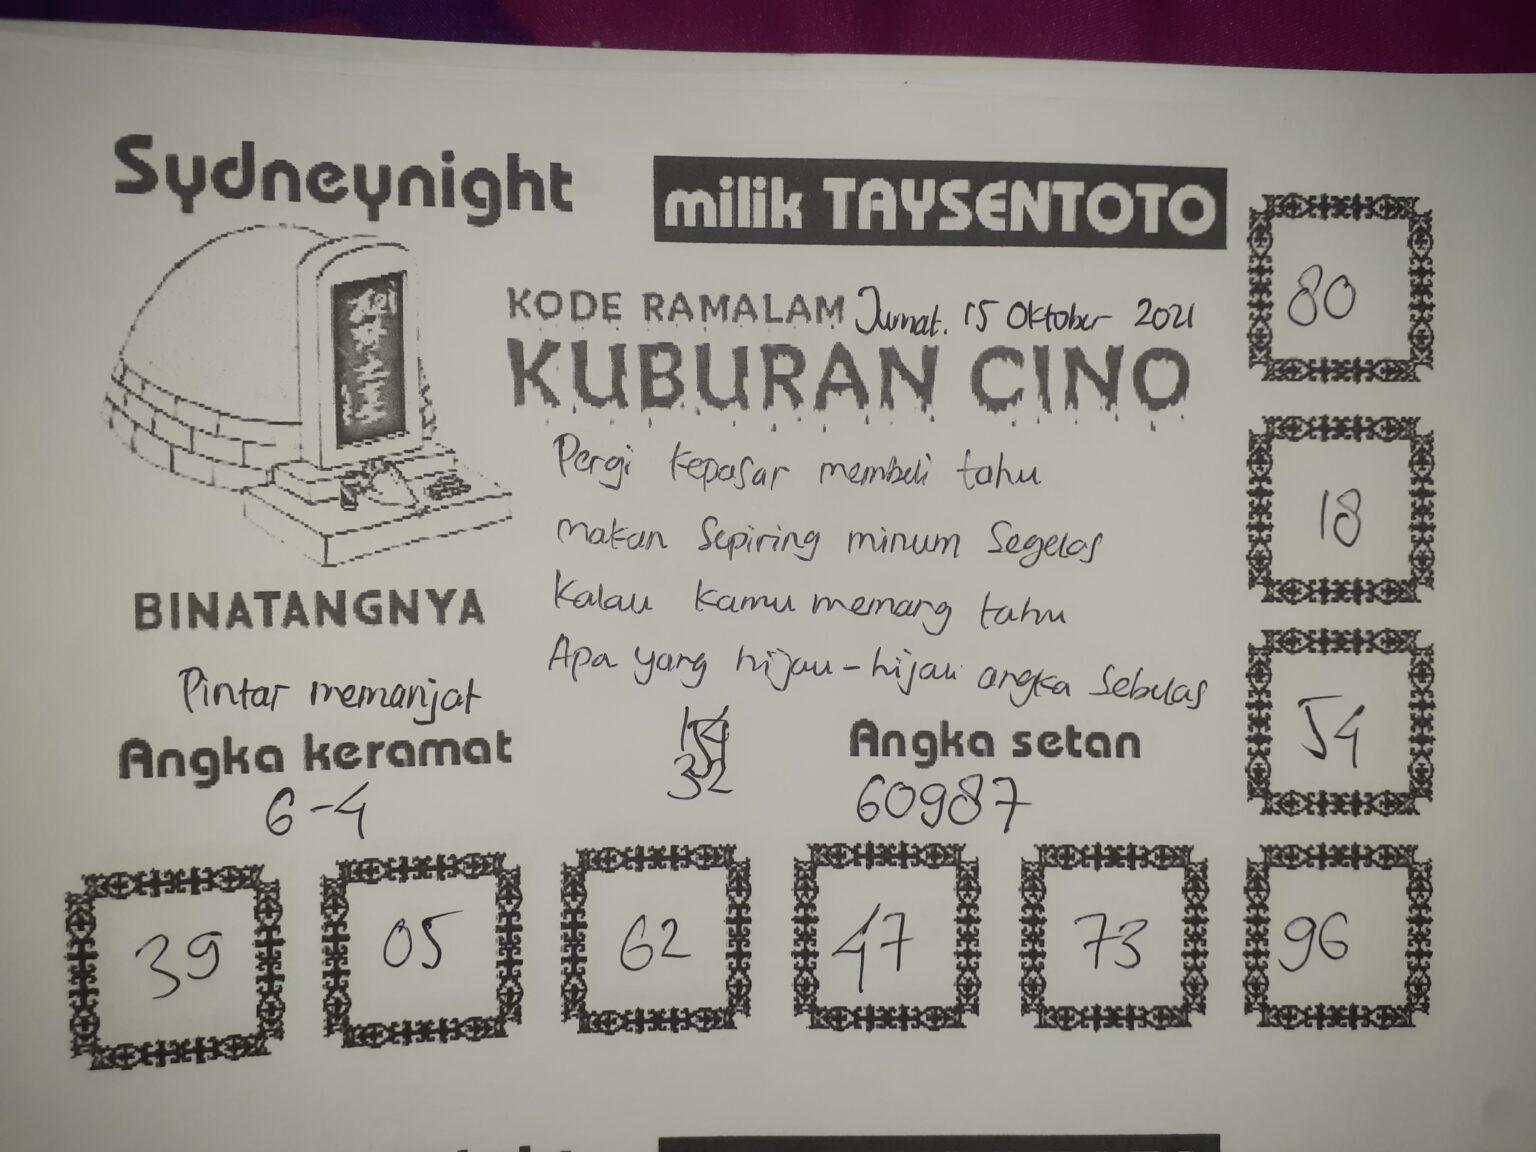 NIGHT-KUBURAN-1536x1152.jpg